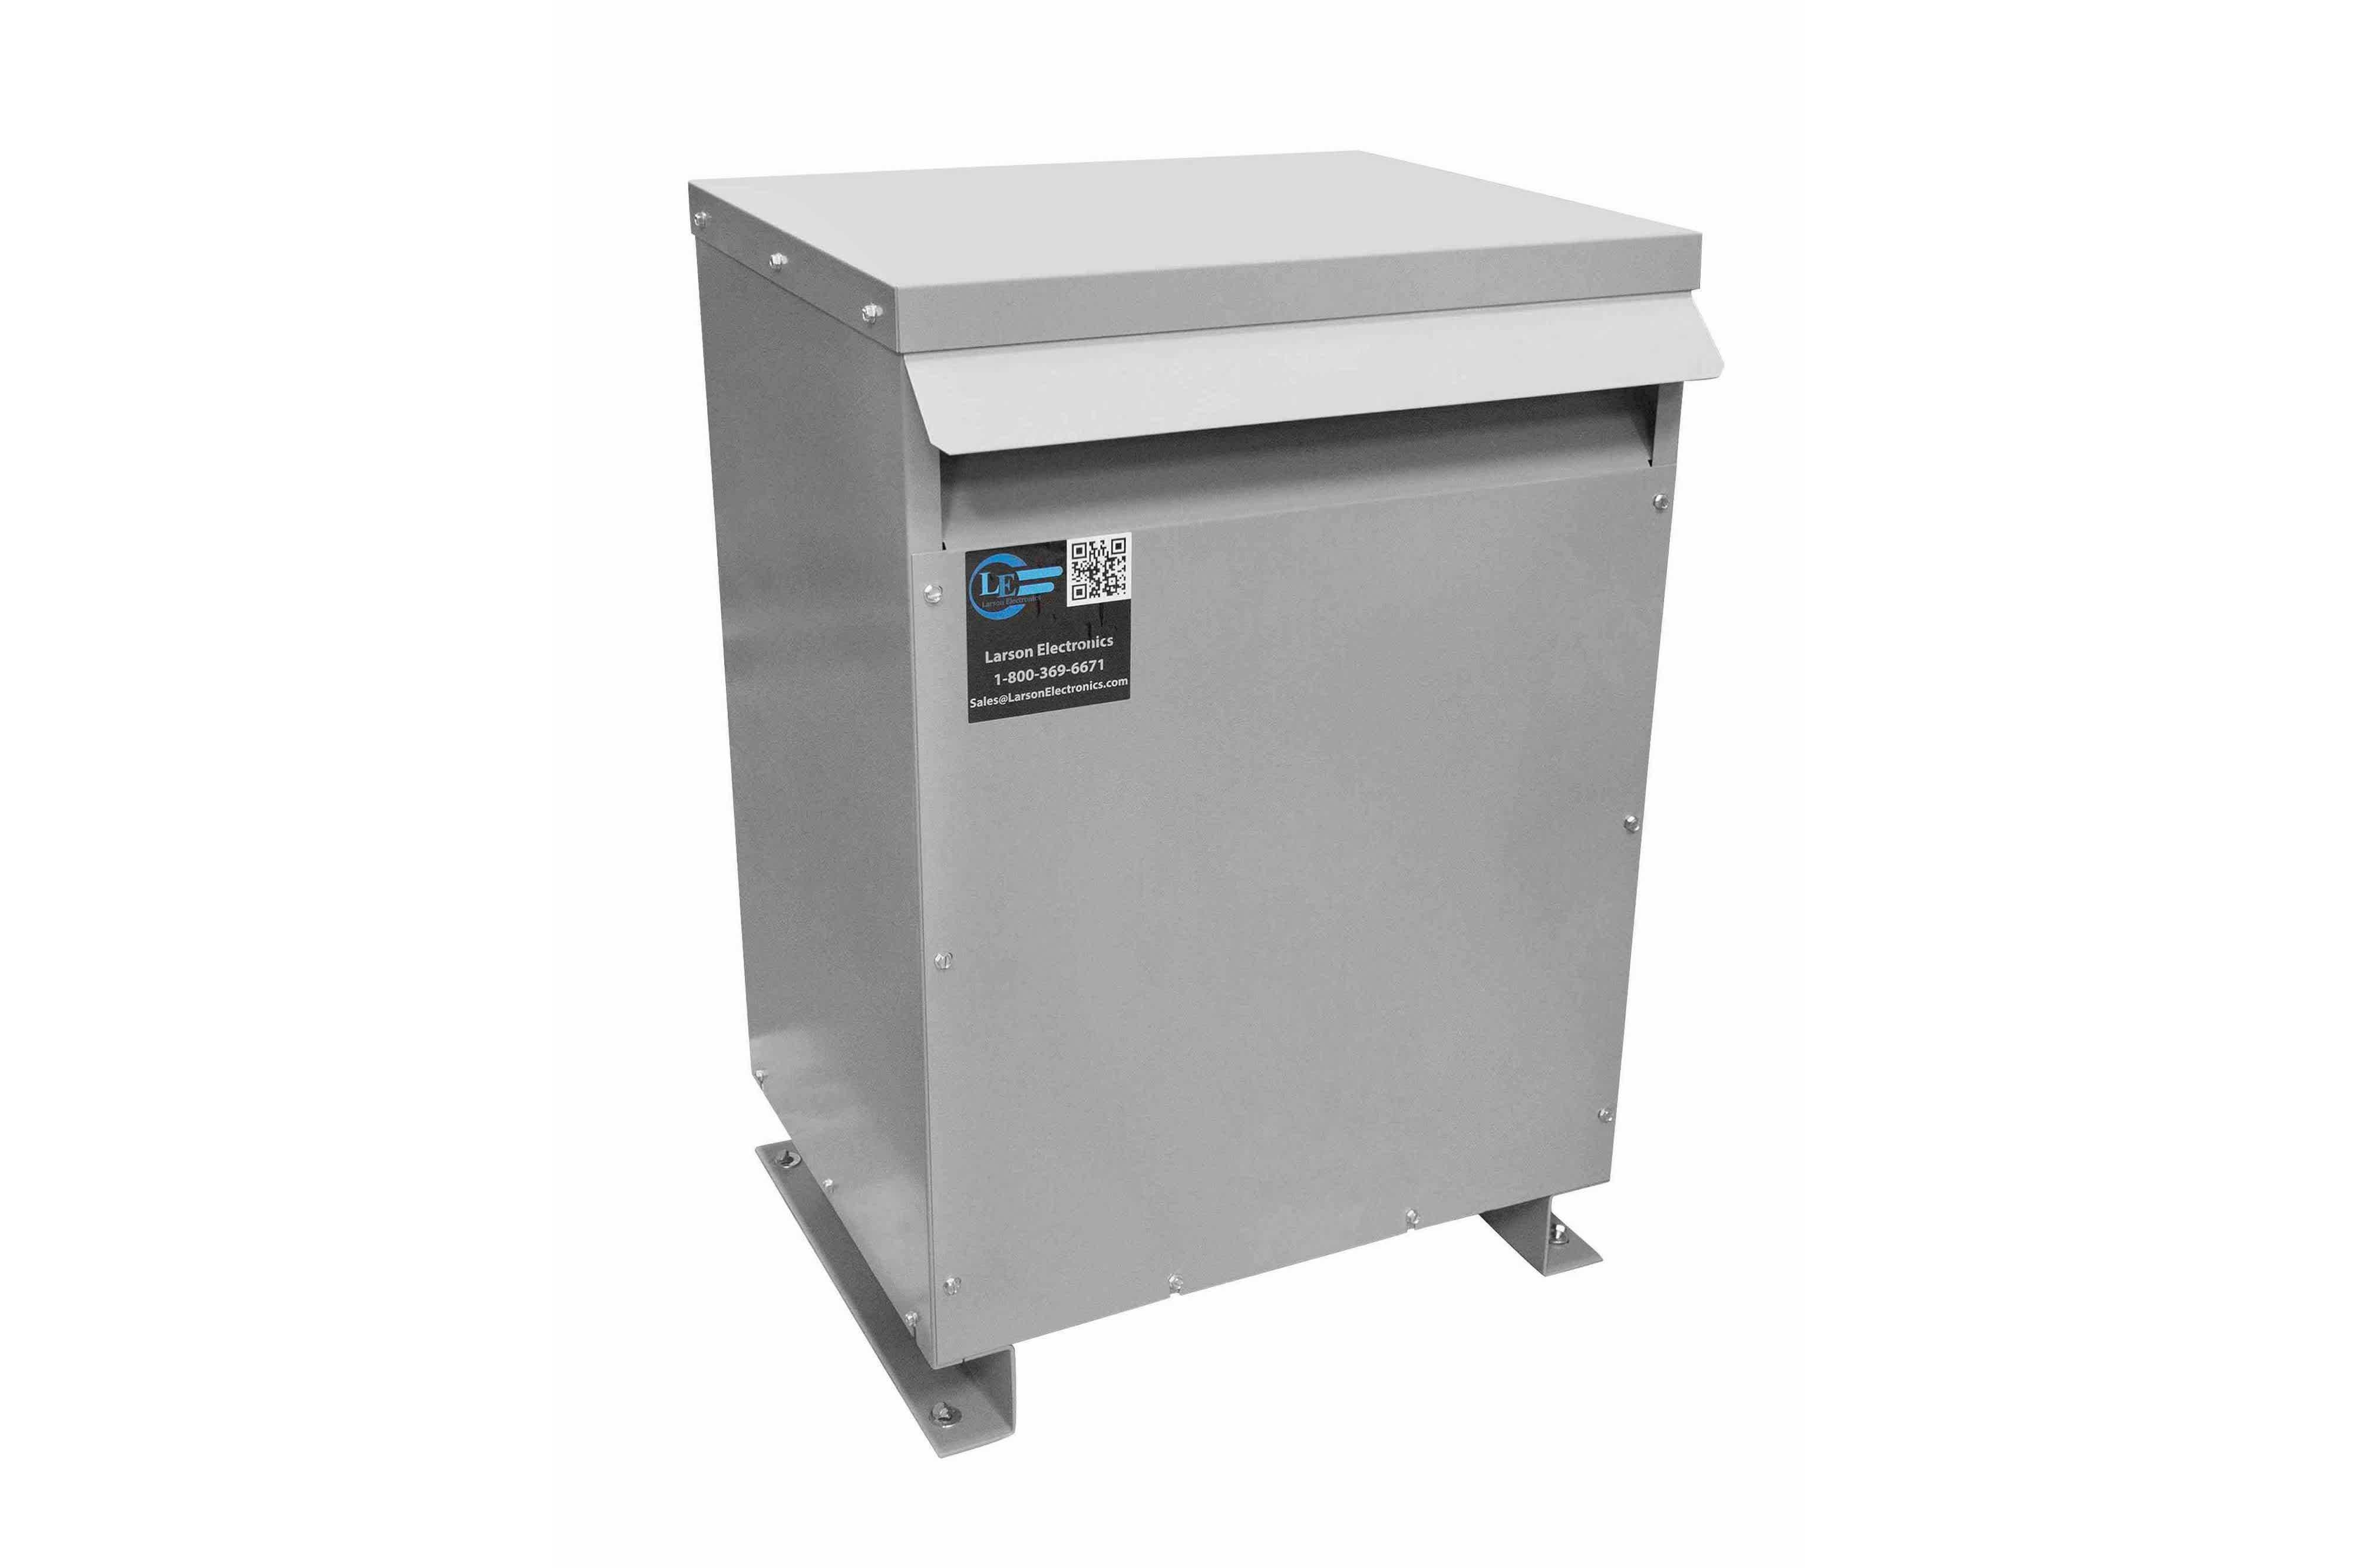 112.5 kVA 3PH Isolation Transformer, 480V Delta Primary, 400V Delta Secondary, N3R, Ventilated, 60 Hz